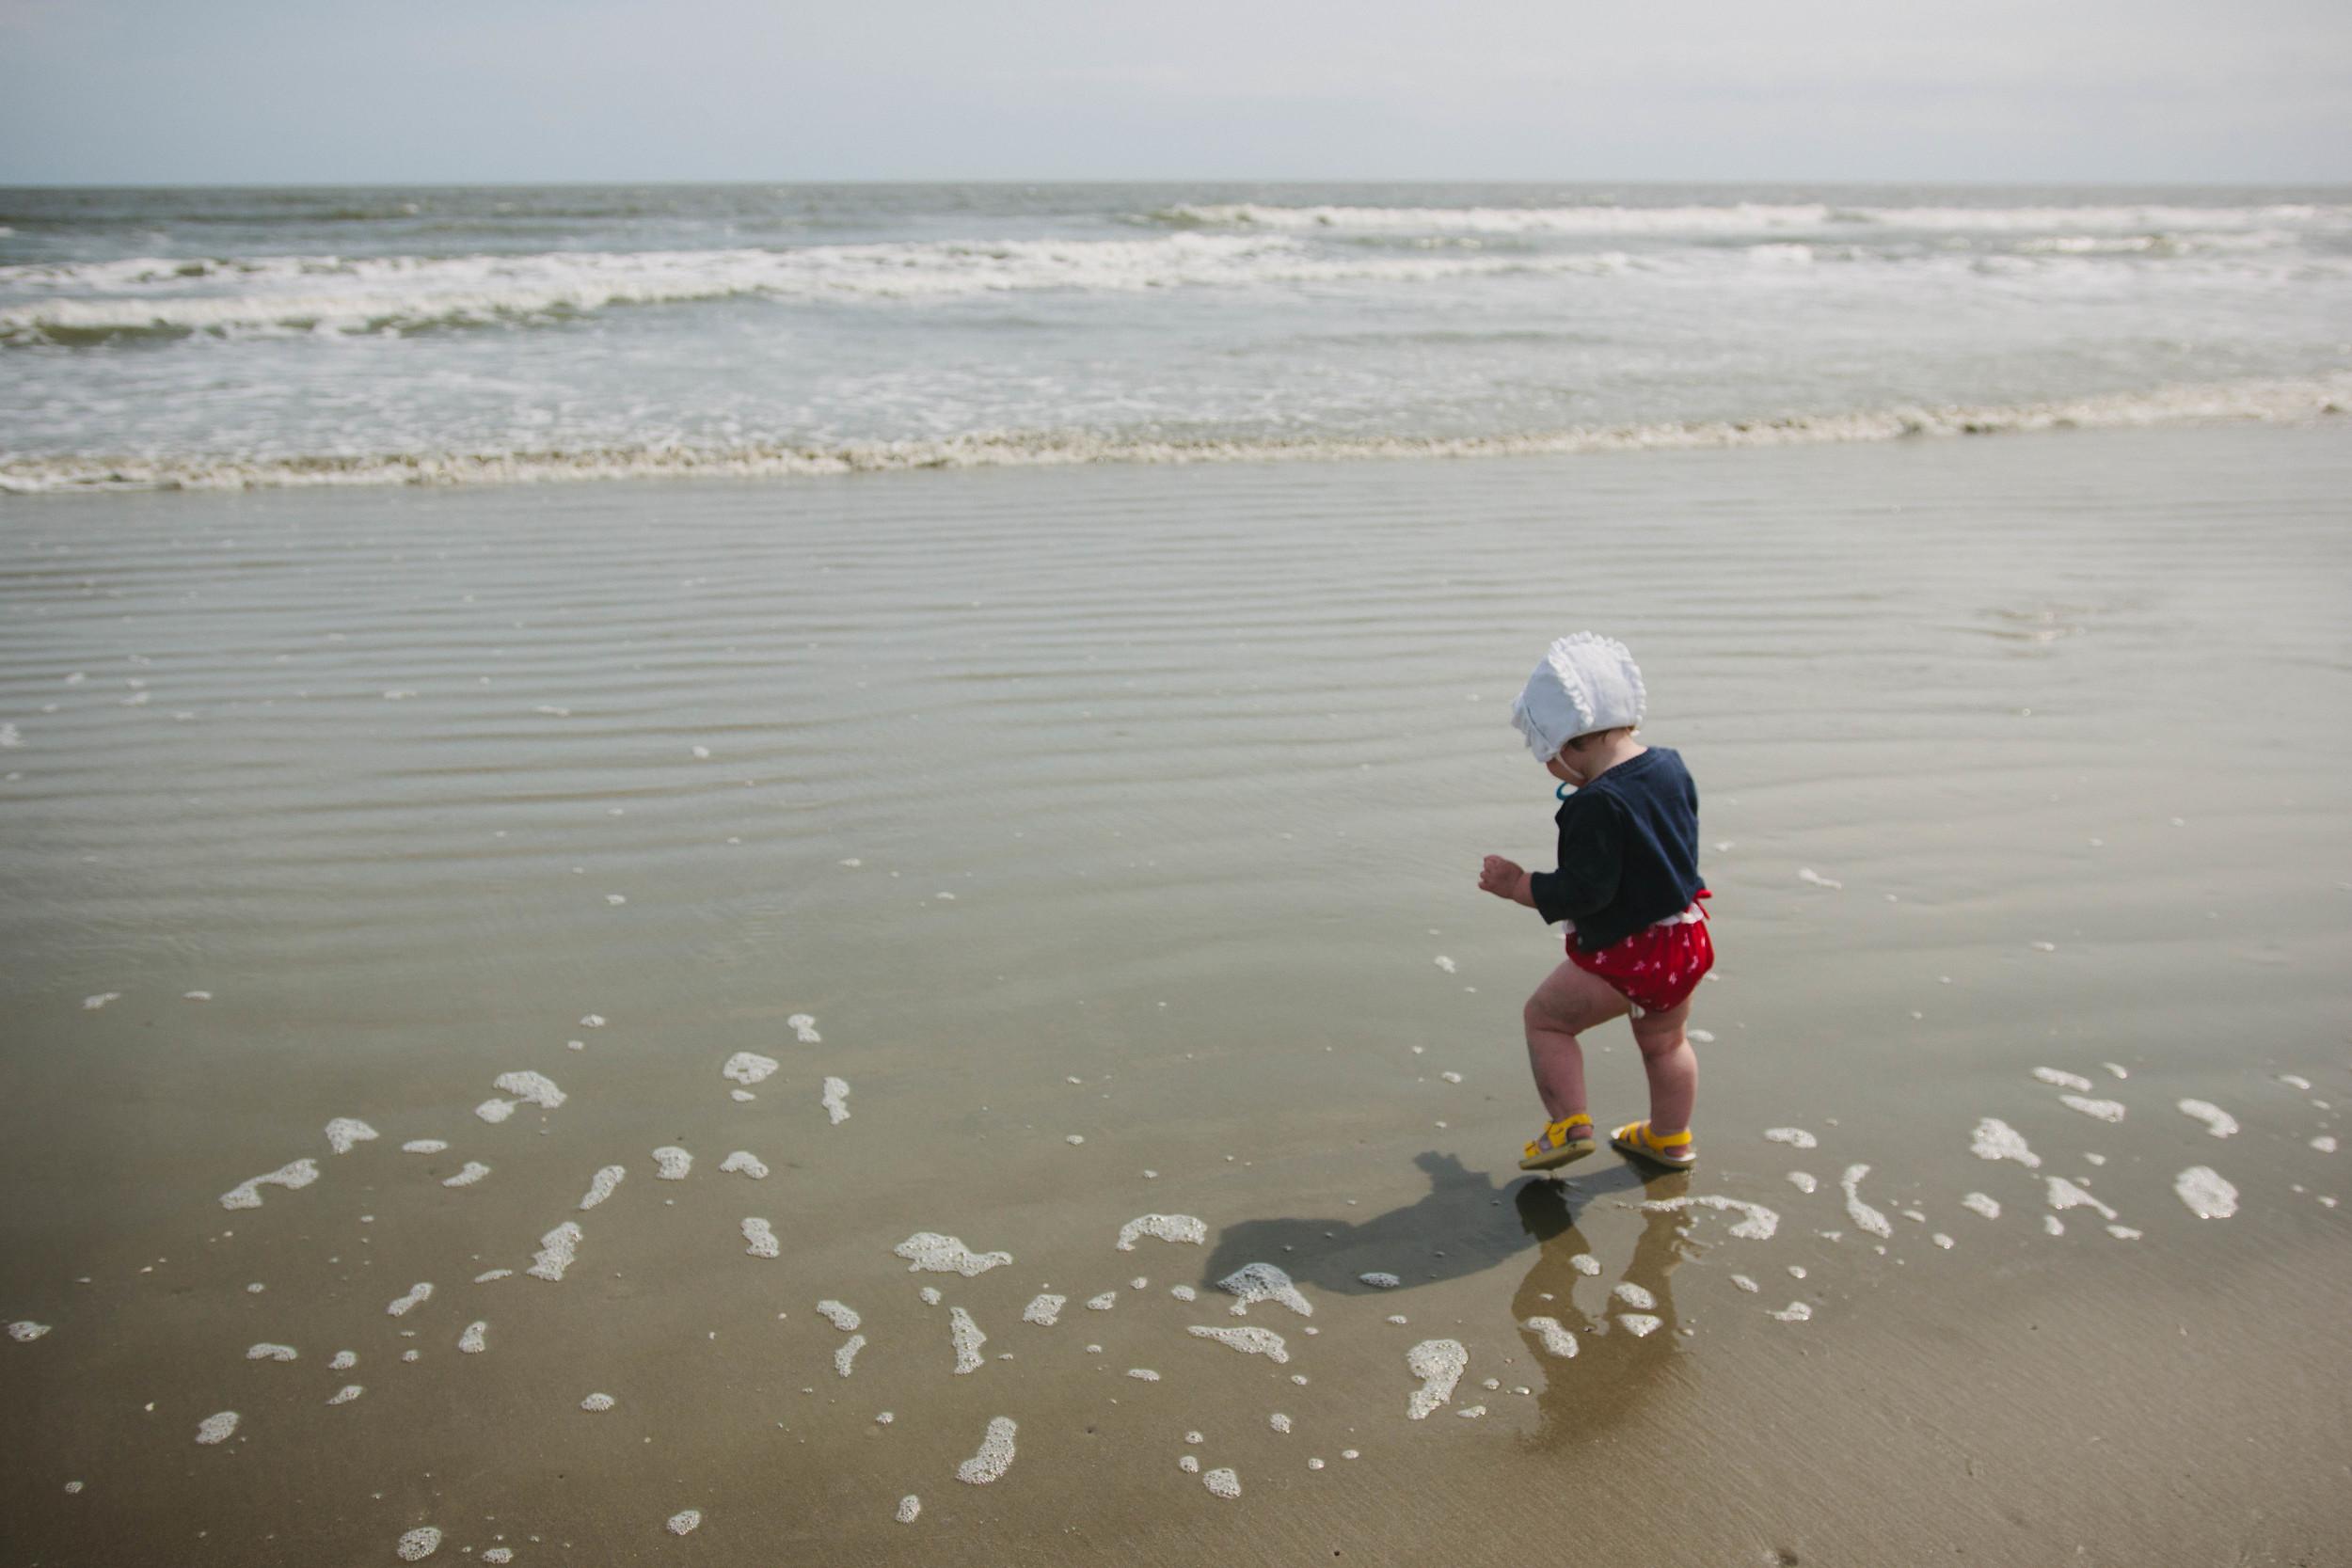 Image of baby walking along shore at a beach